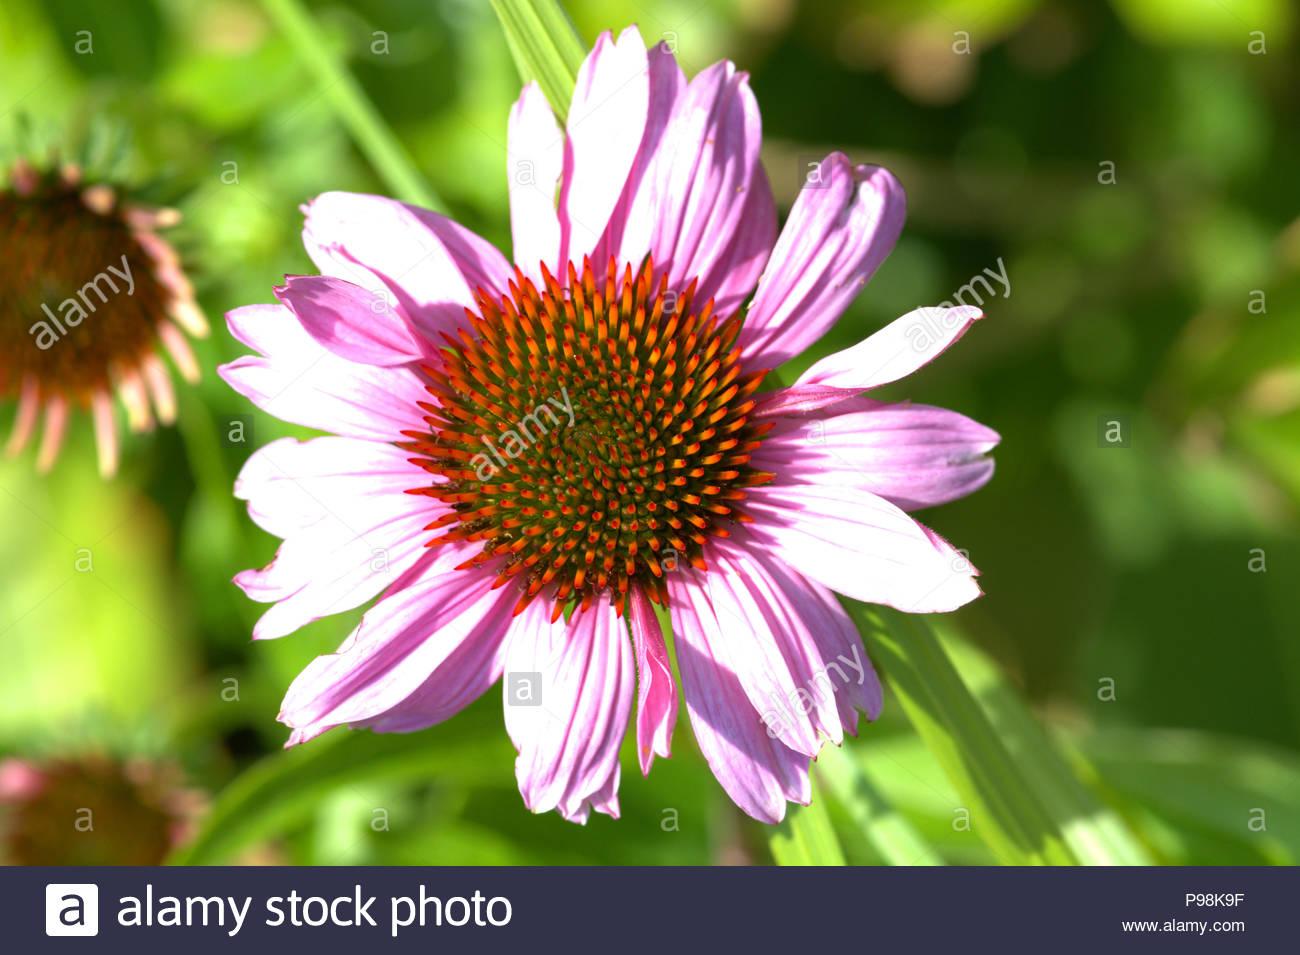 Purpur-Sonnenhut - Echinacea purpurea, auch Roter Scheinsonnenhut genannt. Nahaufnahme der Blüte mit dem konischen Blütenkorb. - Stock Image